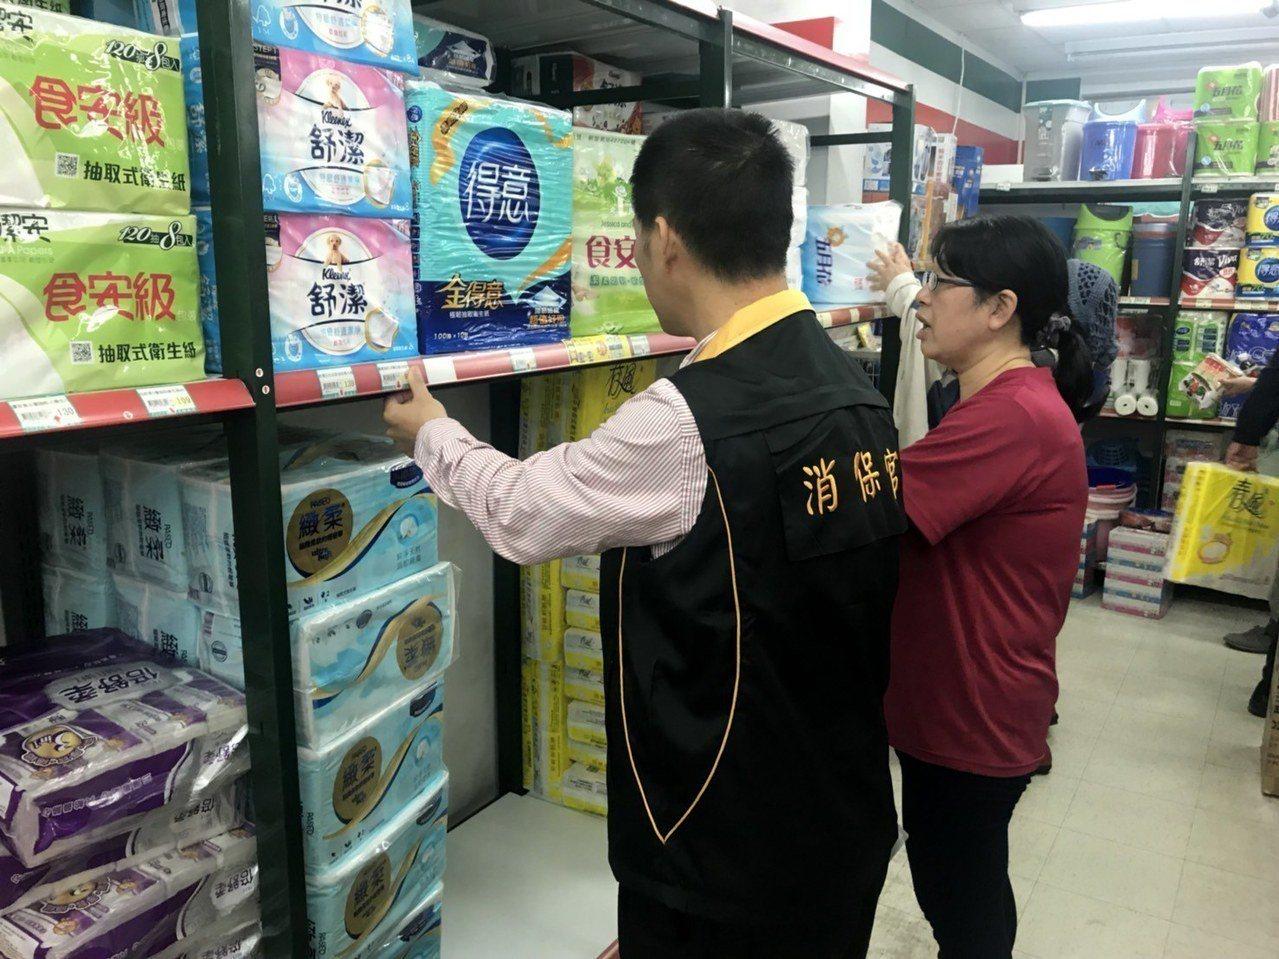 台灣衛生紙漲價傳聞引發搶購潮,凸顯全球通膨正蠢蠢欲動。 歐新社